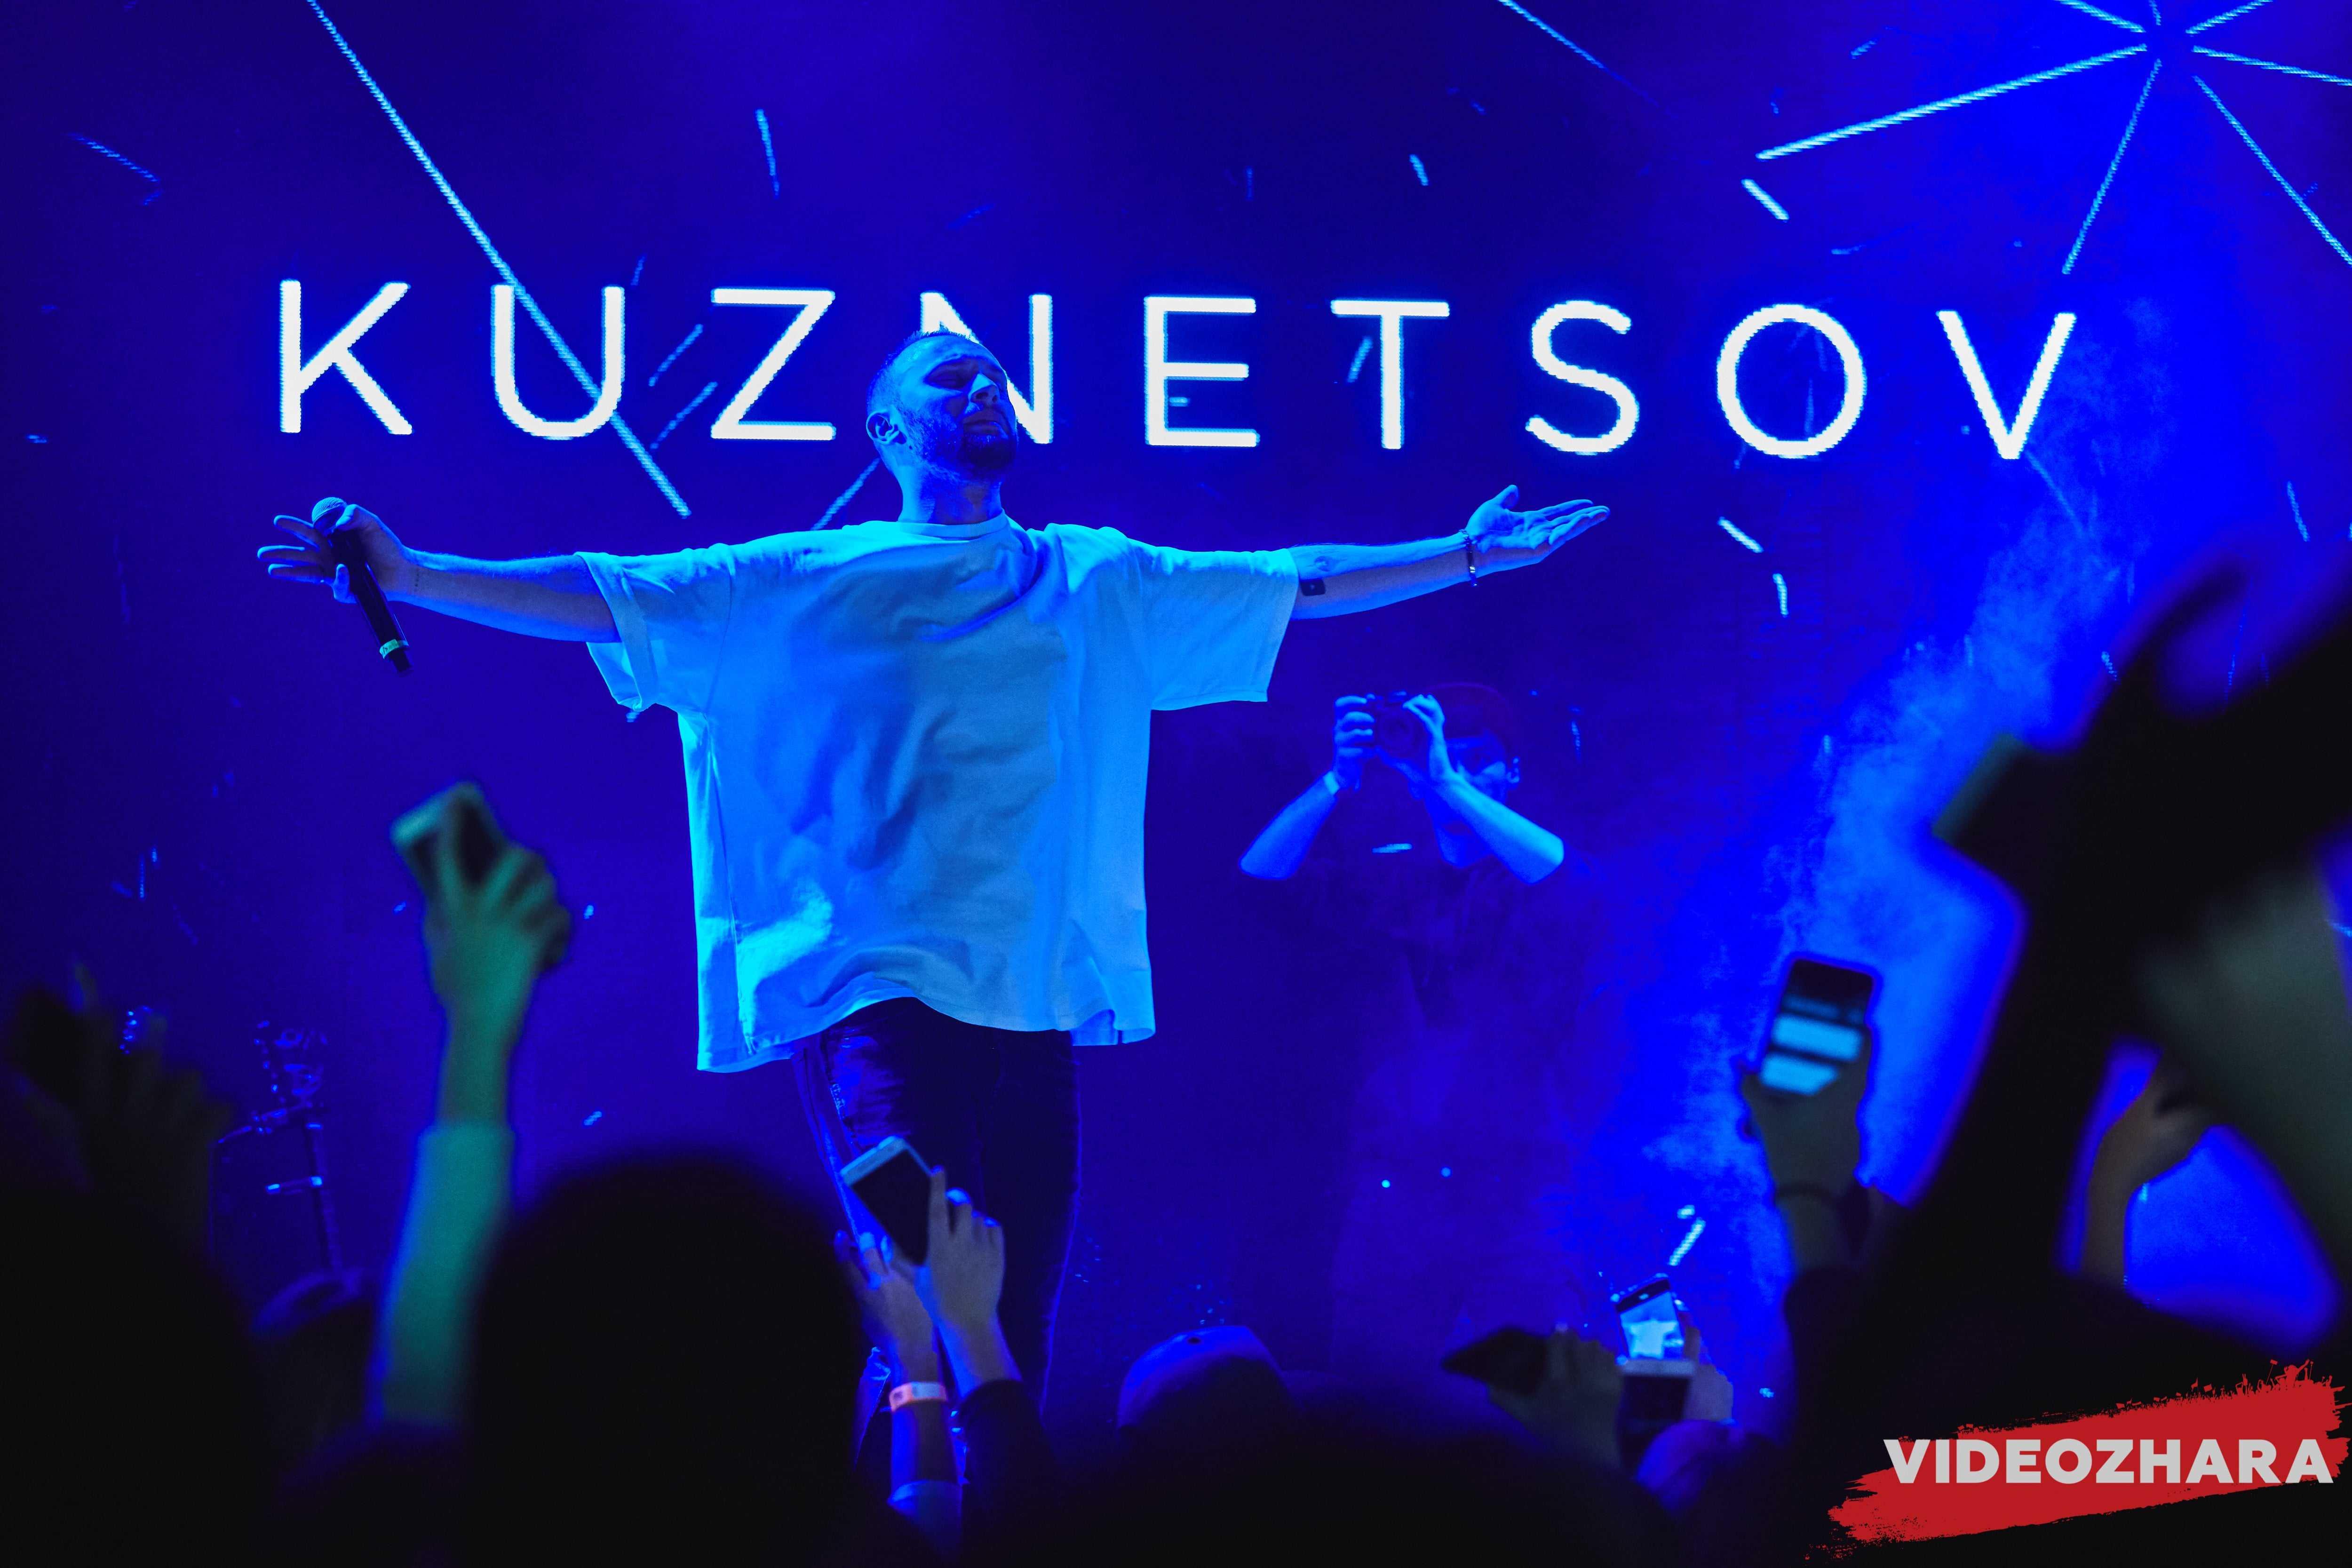 Було спекотно! Руслан Кузнецов зібрав повну концертну залу в Києві